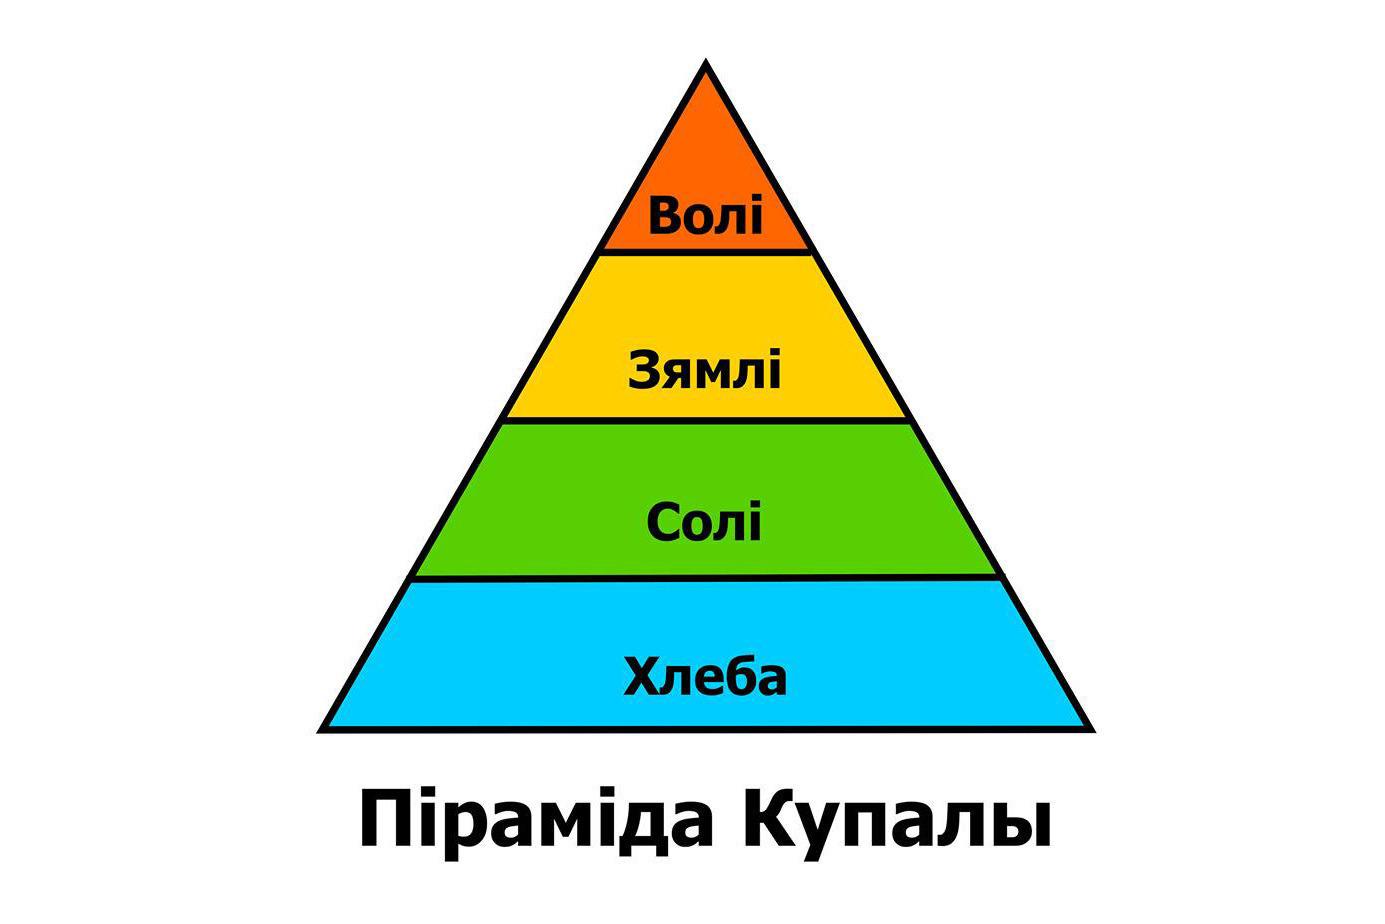 Источник: FB Pavel Berasneu